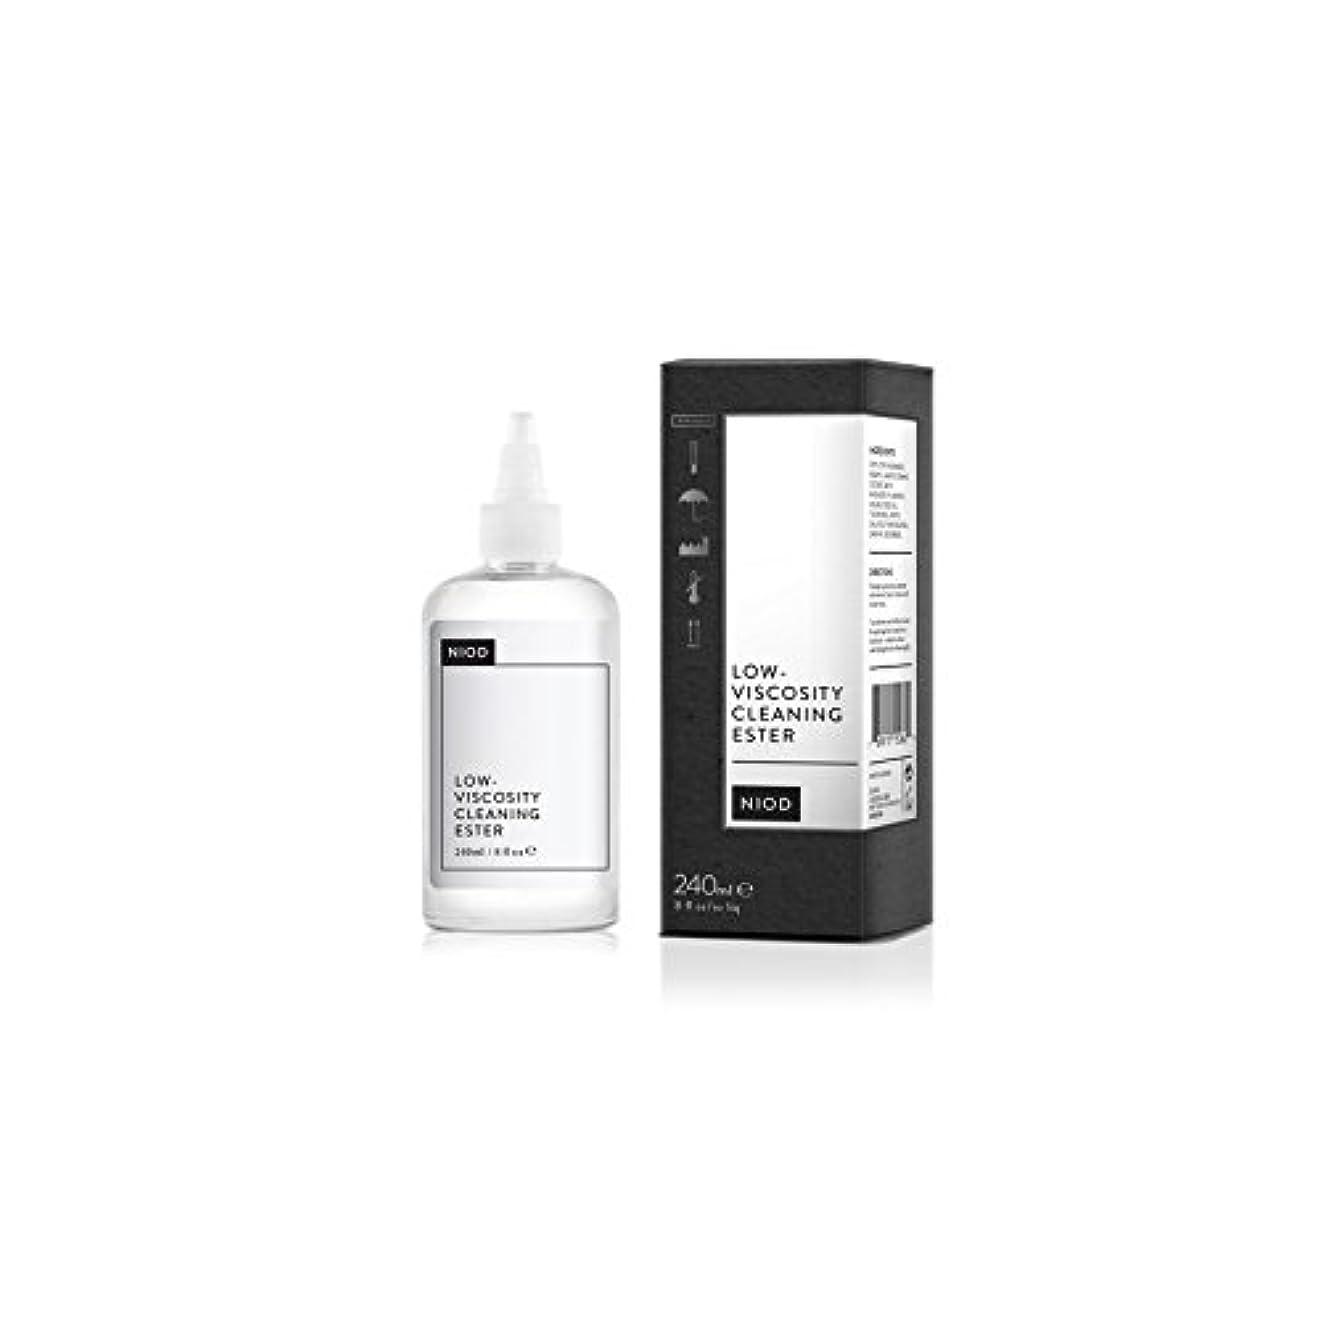 ビスケットリーフレット起きている低粘度のクリーニングエステル(240ミリリットル) x4 - Niod Low-Viscosity Cleaning Ester (240ml) (Pack of 4) [並行輸入品]